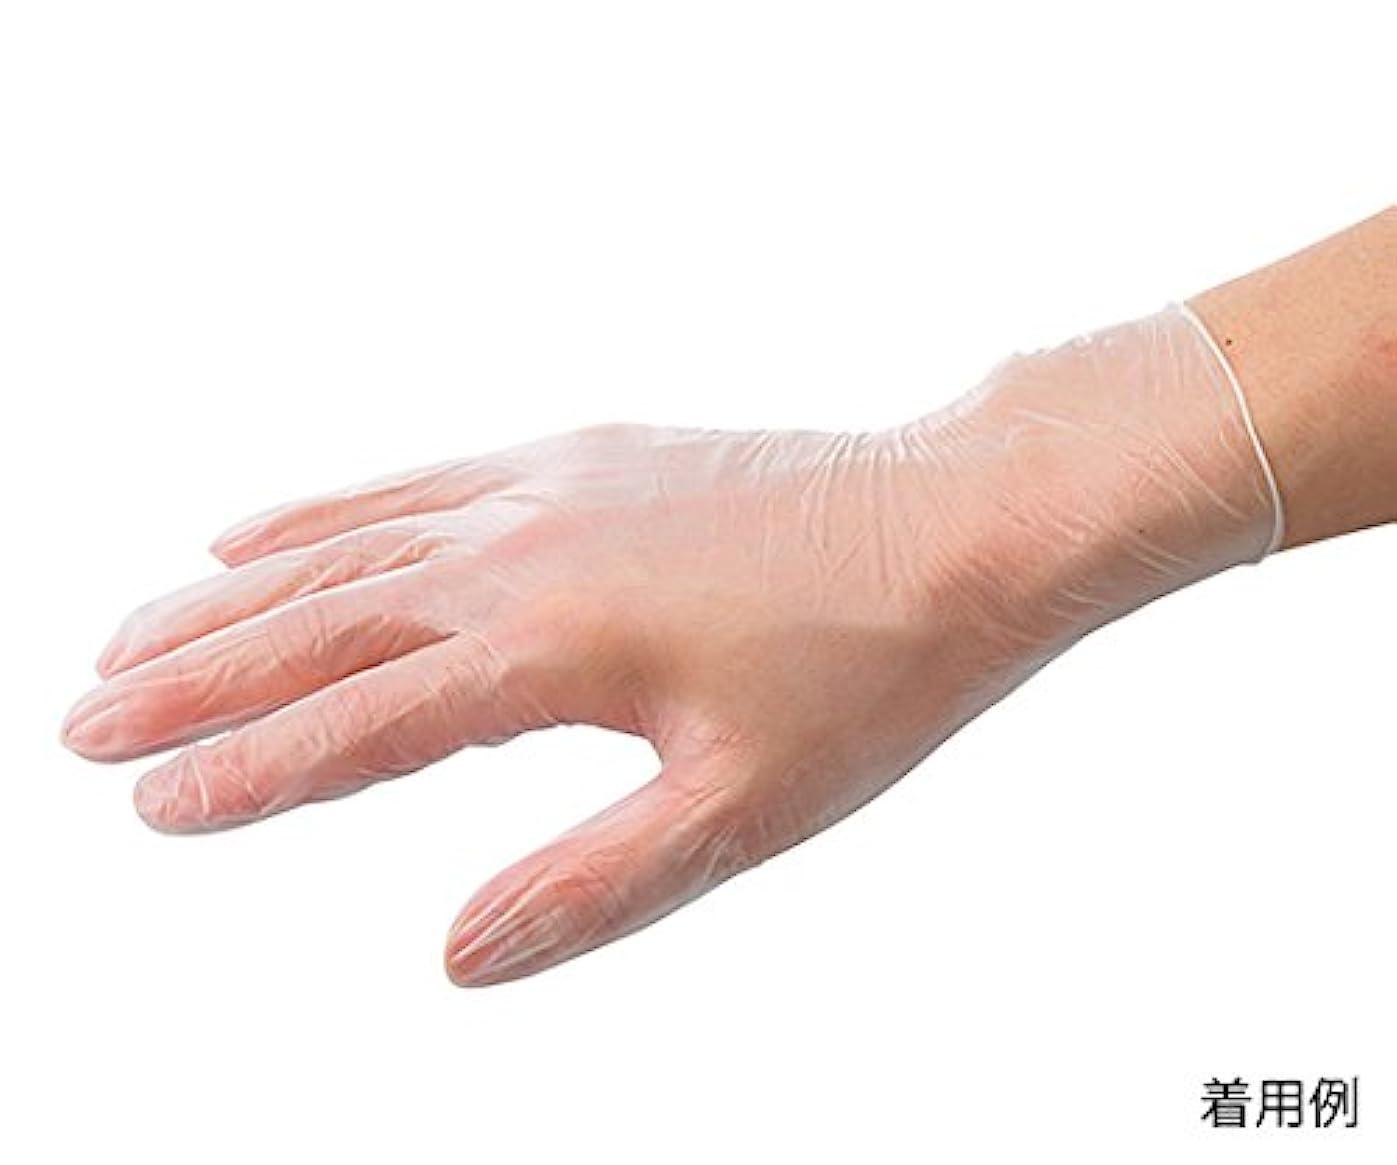 目覚めるボーダースムーズにARメディコム?インク?アジアリミテッド7-3727-01バイタルプラスチック手袋(パウダー付き)S150枚入